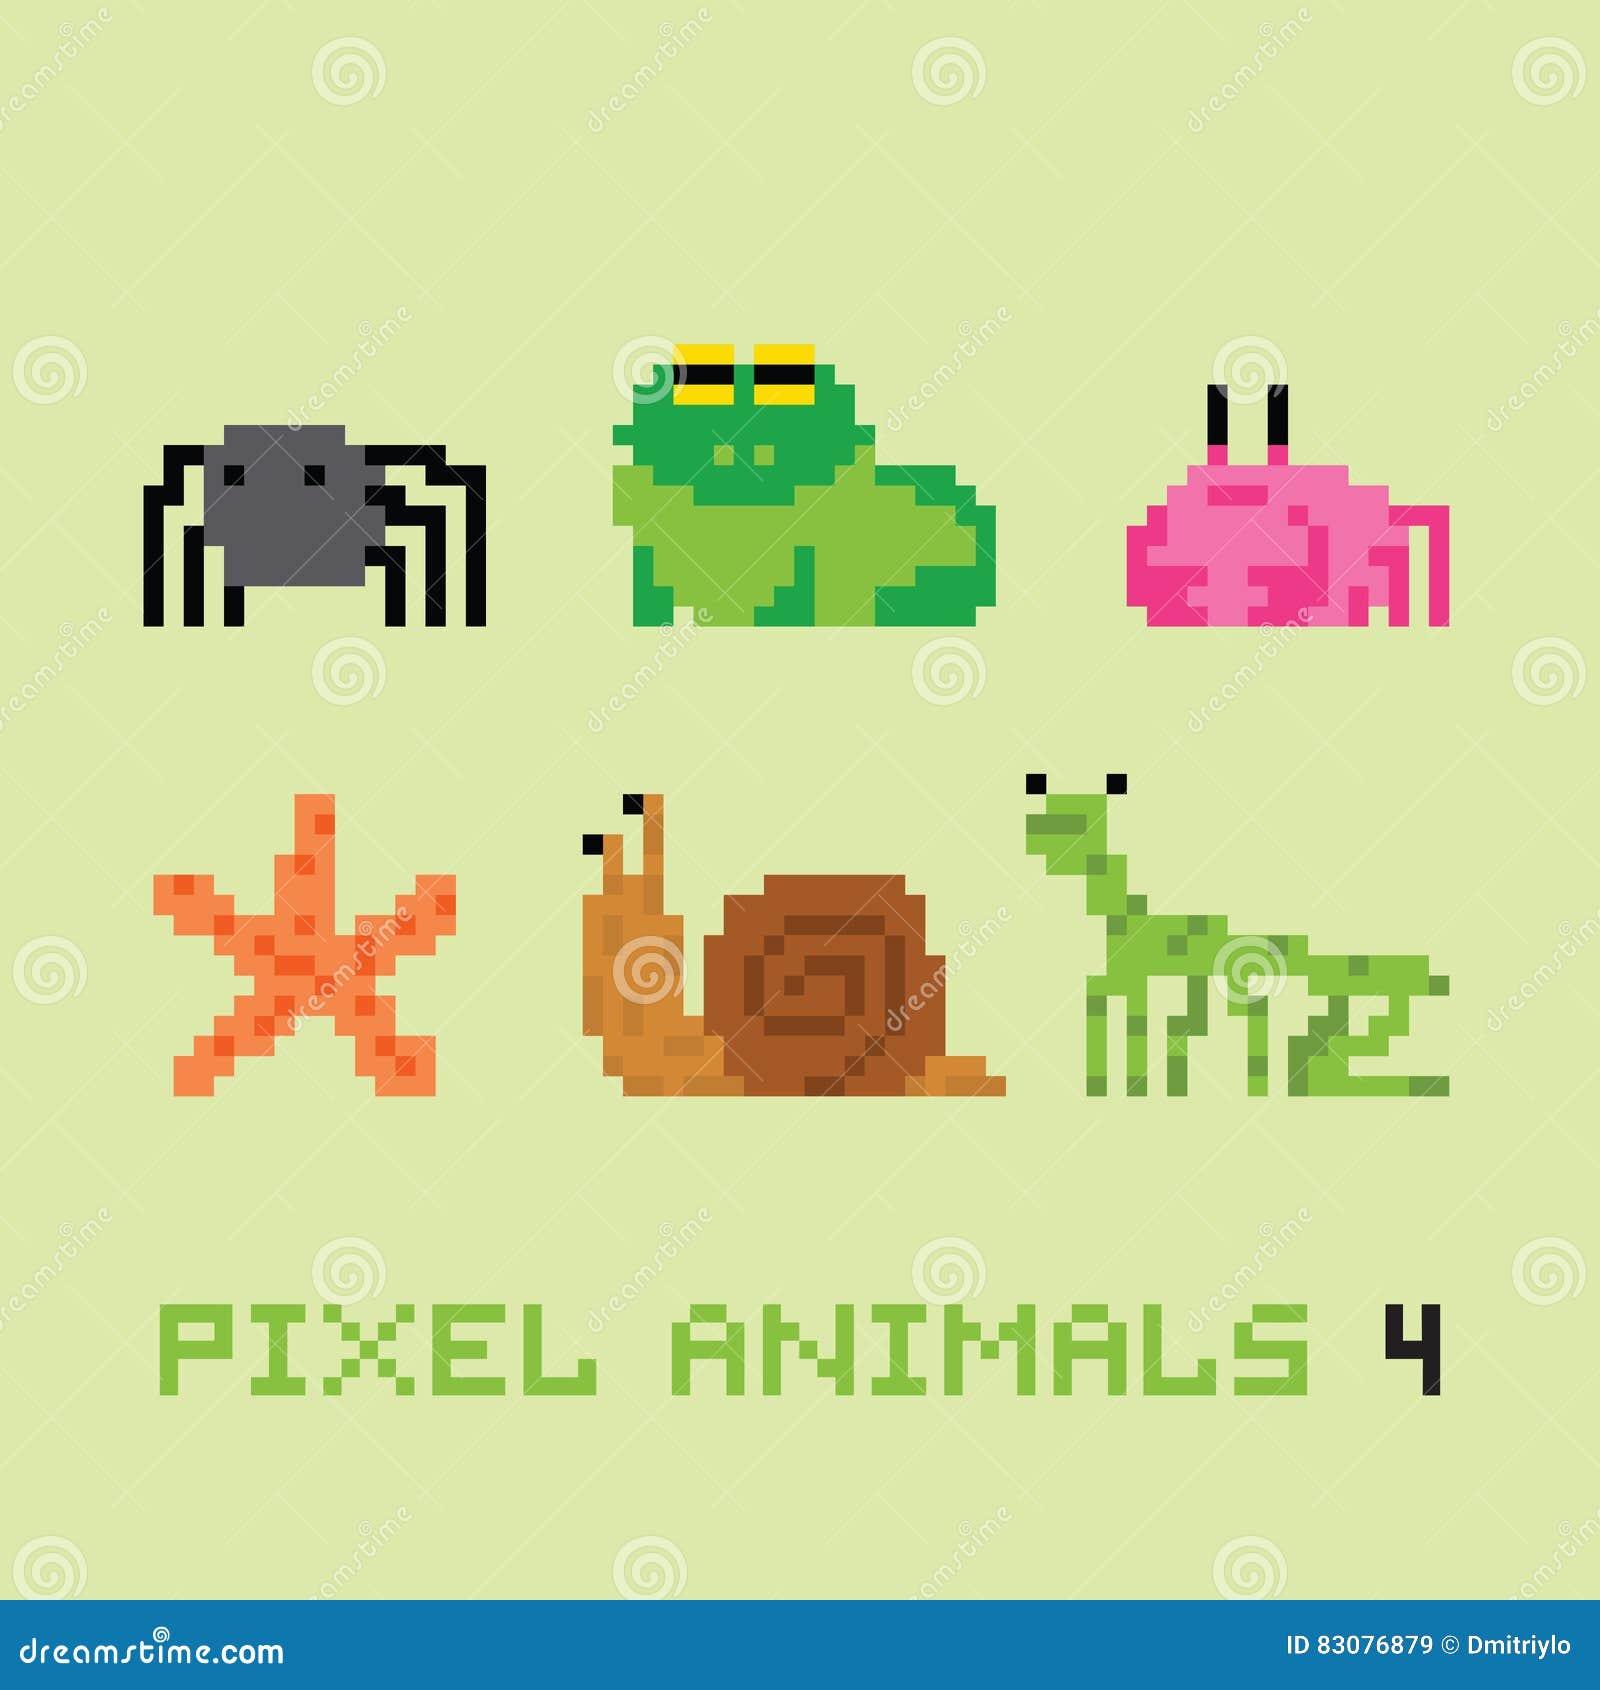 images?q=tbn:ANd9GcQh_l3eQ5xwiPy07kGEXjmjgmBKBRB7H2mRxCGhv1tFWg5c_mWT Pixel Art 4 @koolgadgetz.com.info